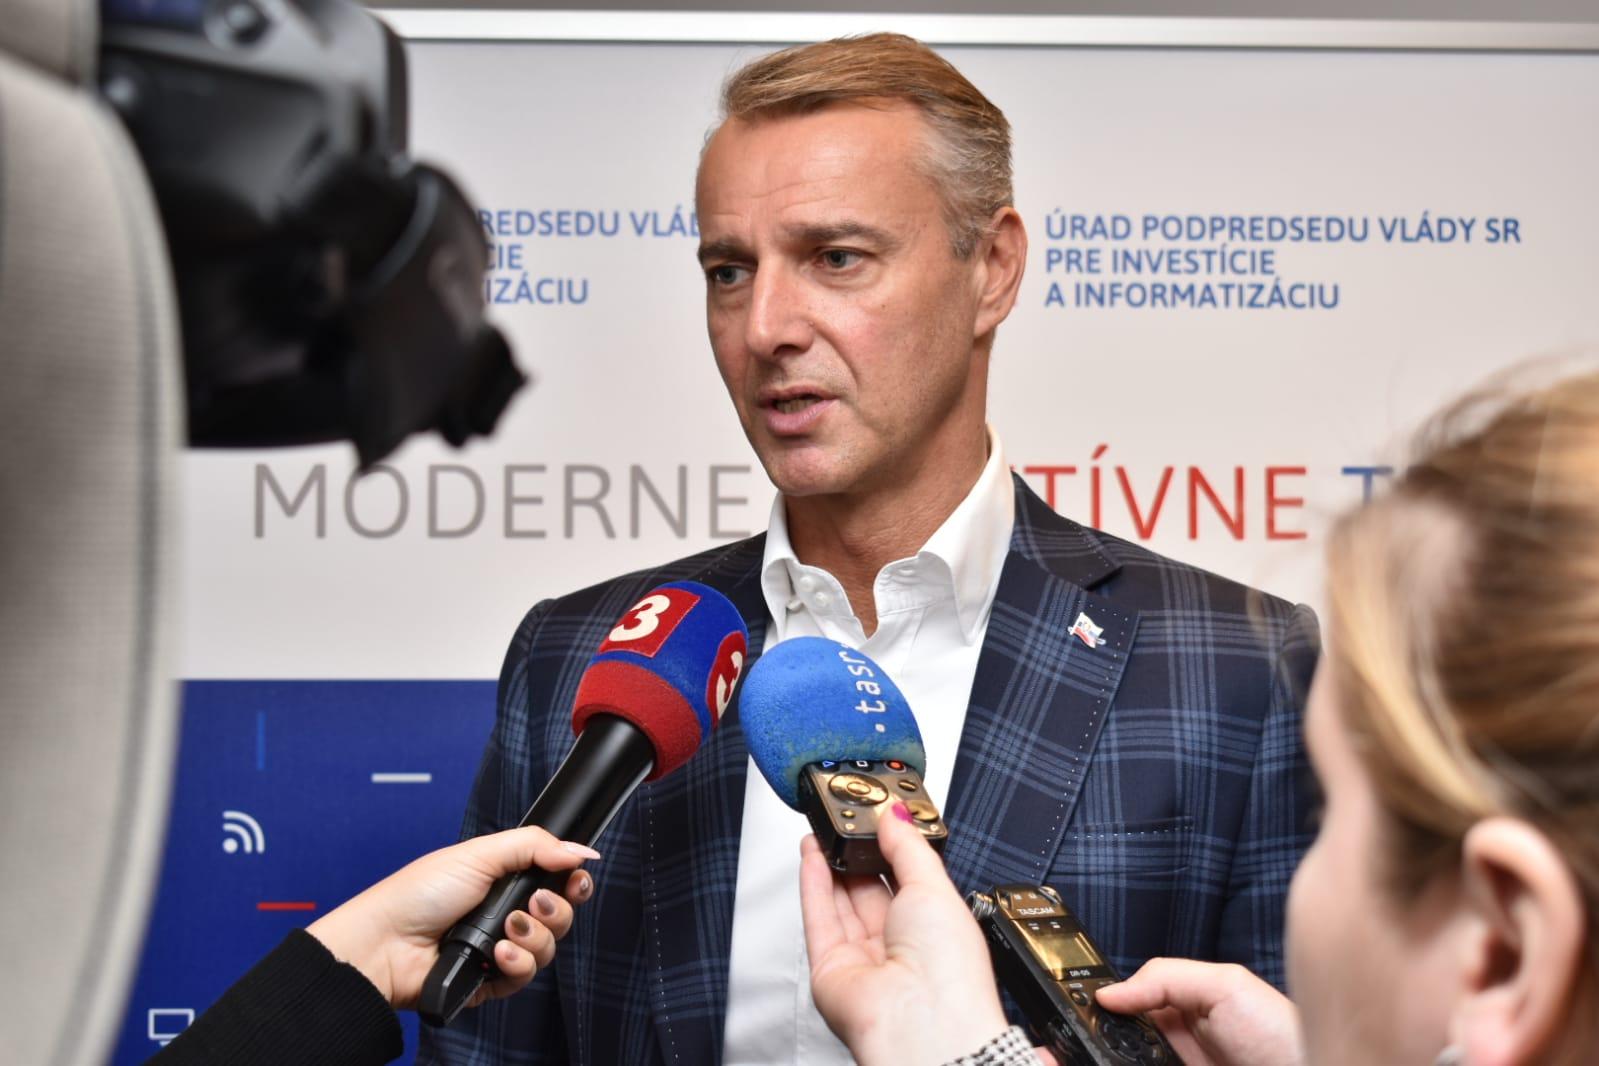 R. Raši: Najväčším problémom okresu Kežmarok je dopravná infraštruktúra